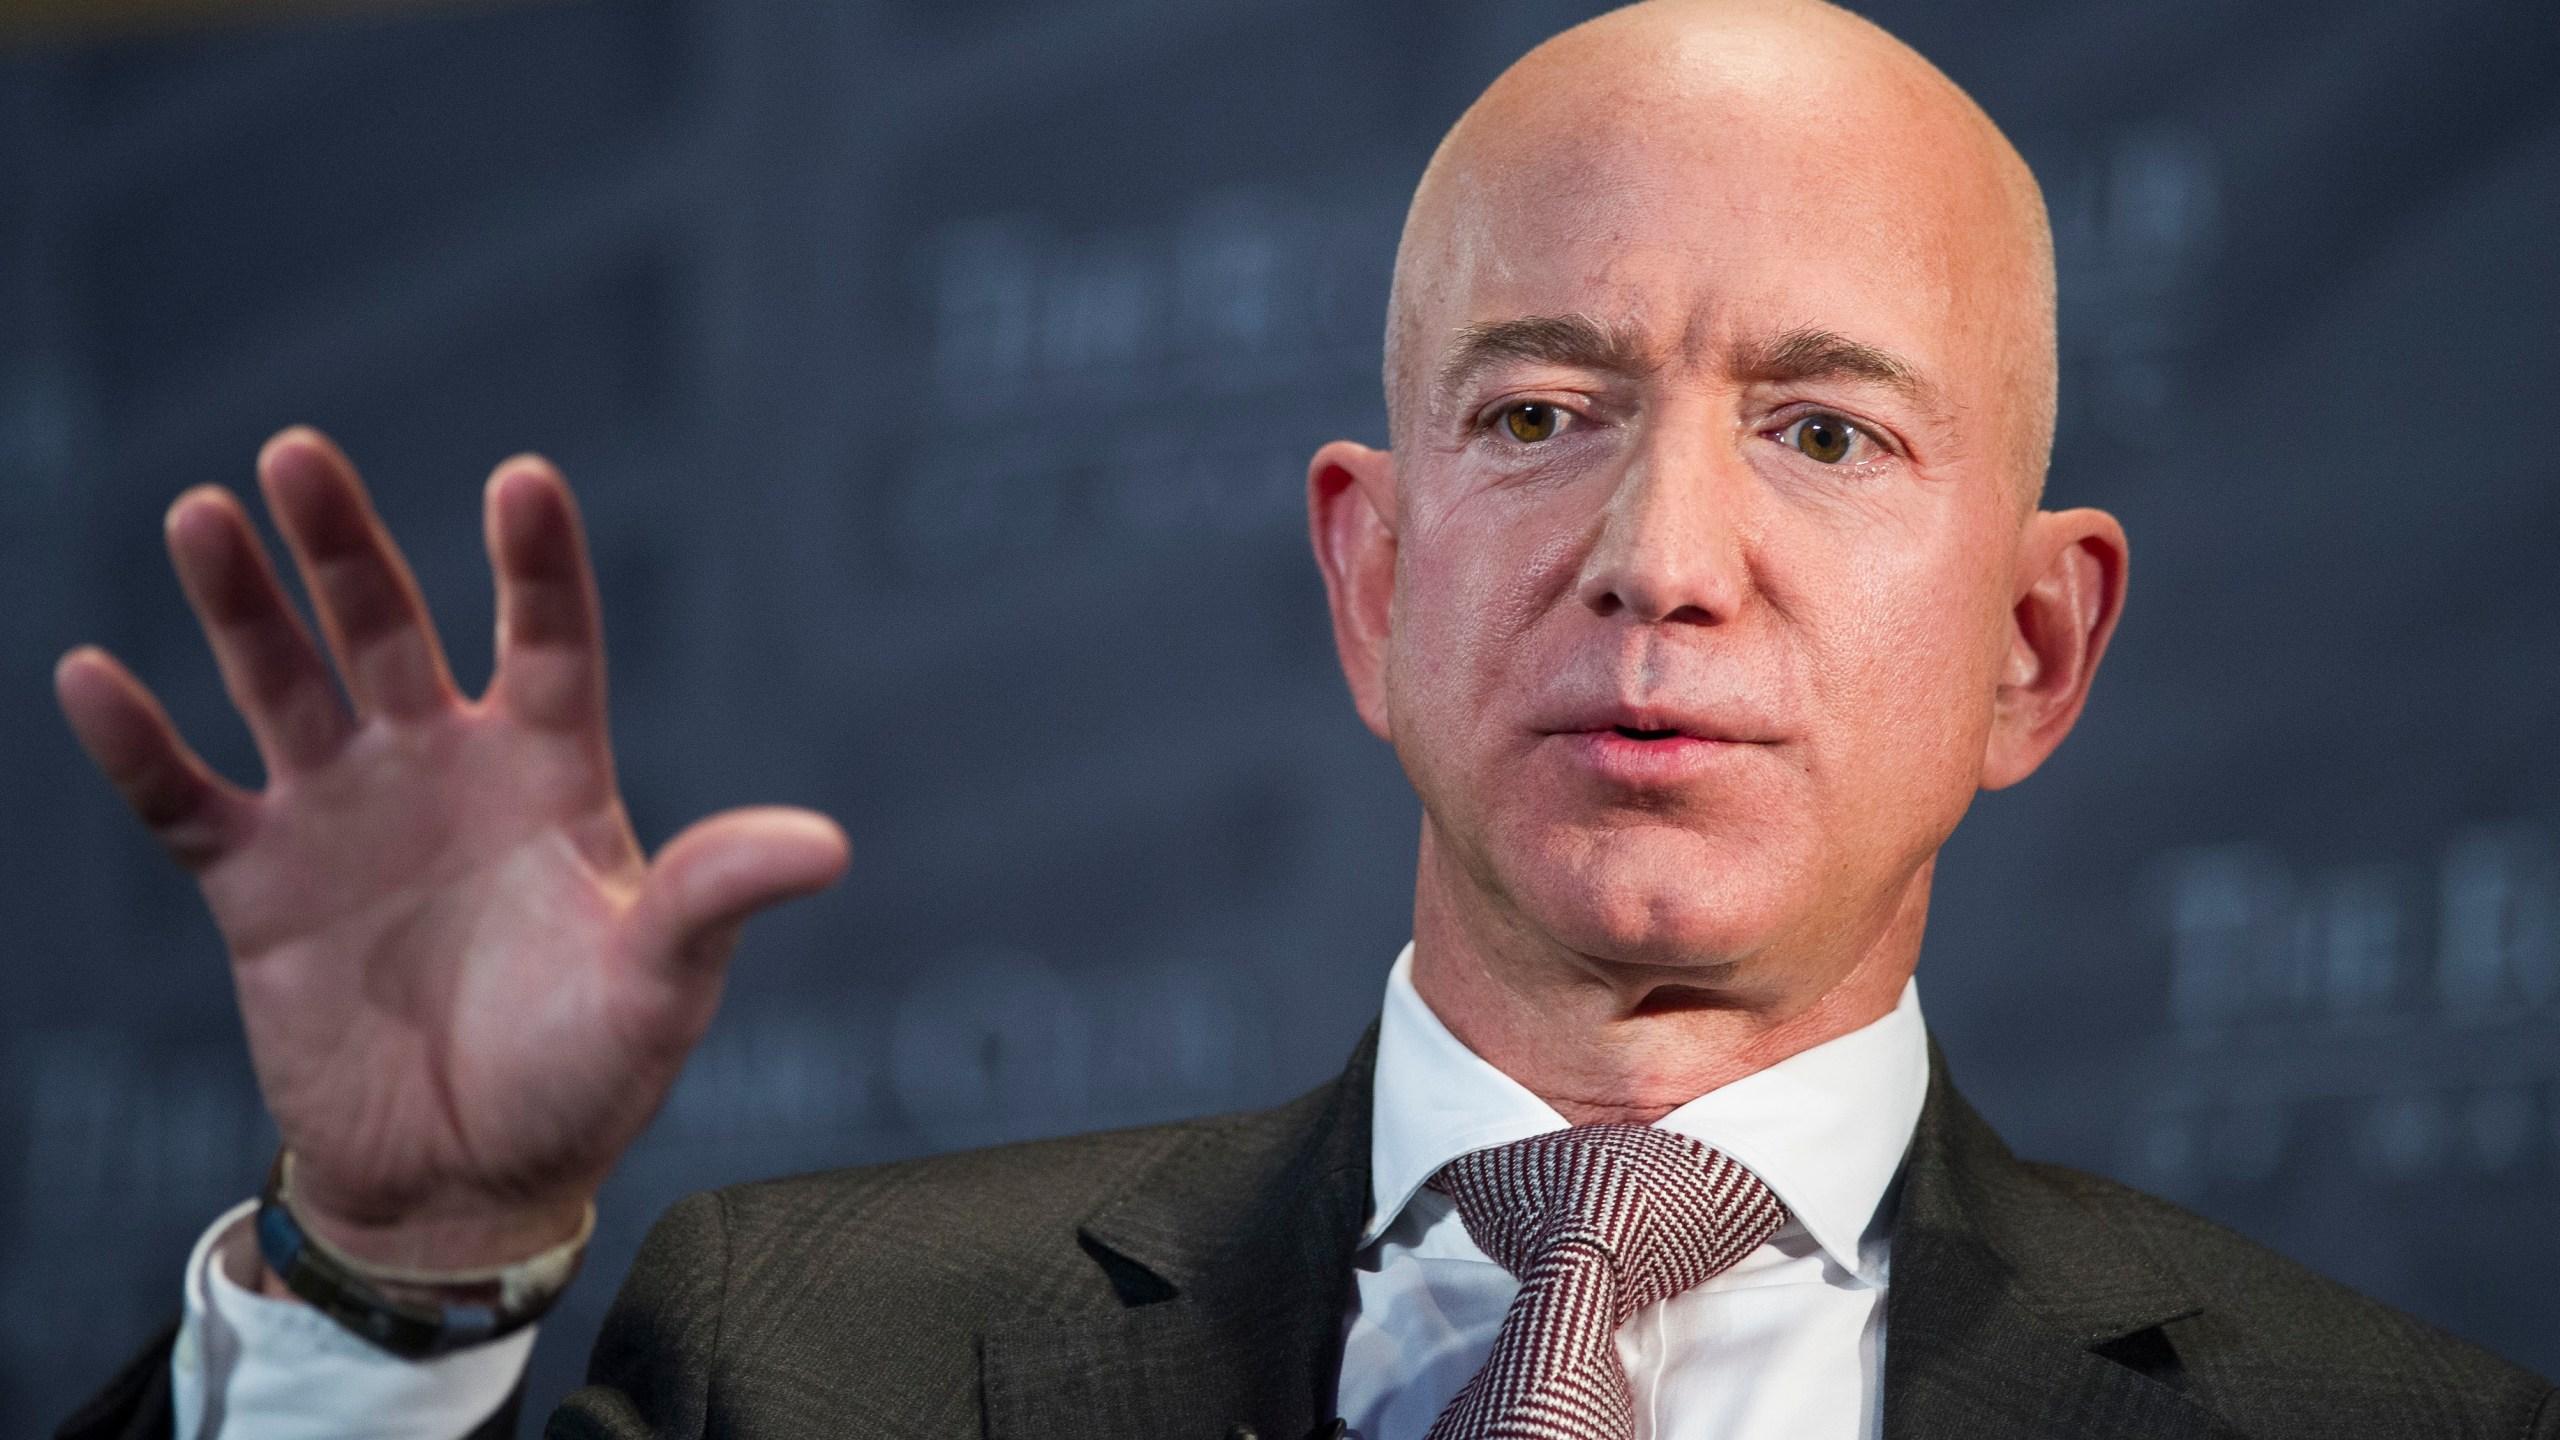 Jeff_Bezos_National_Enquirer_11015-159532.jpg88815634